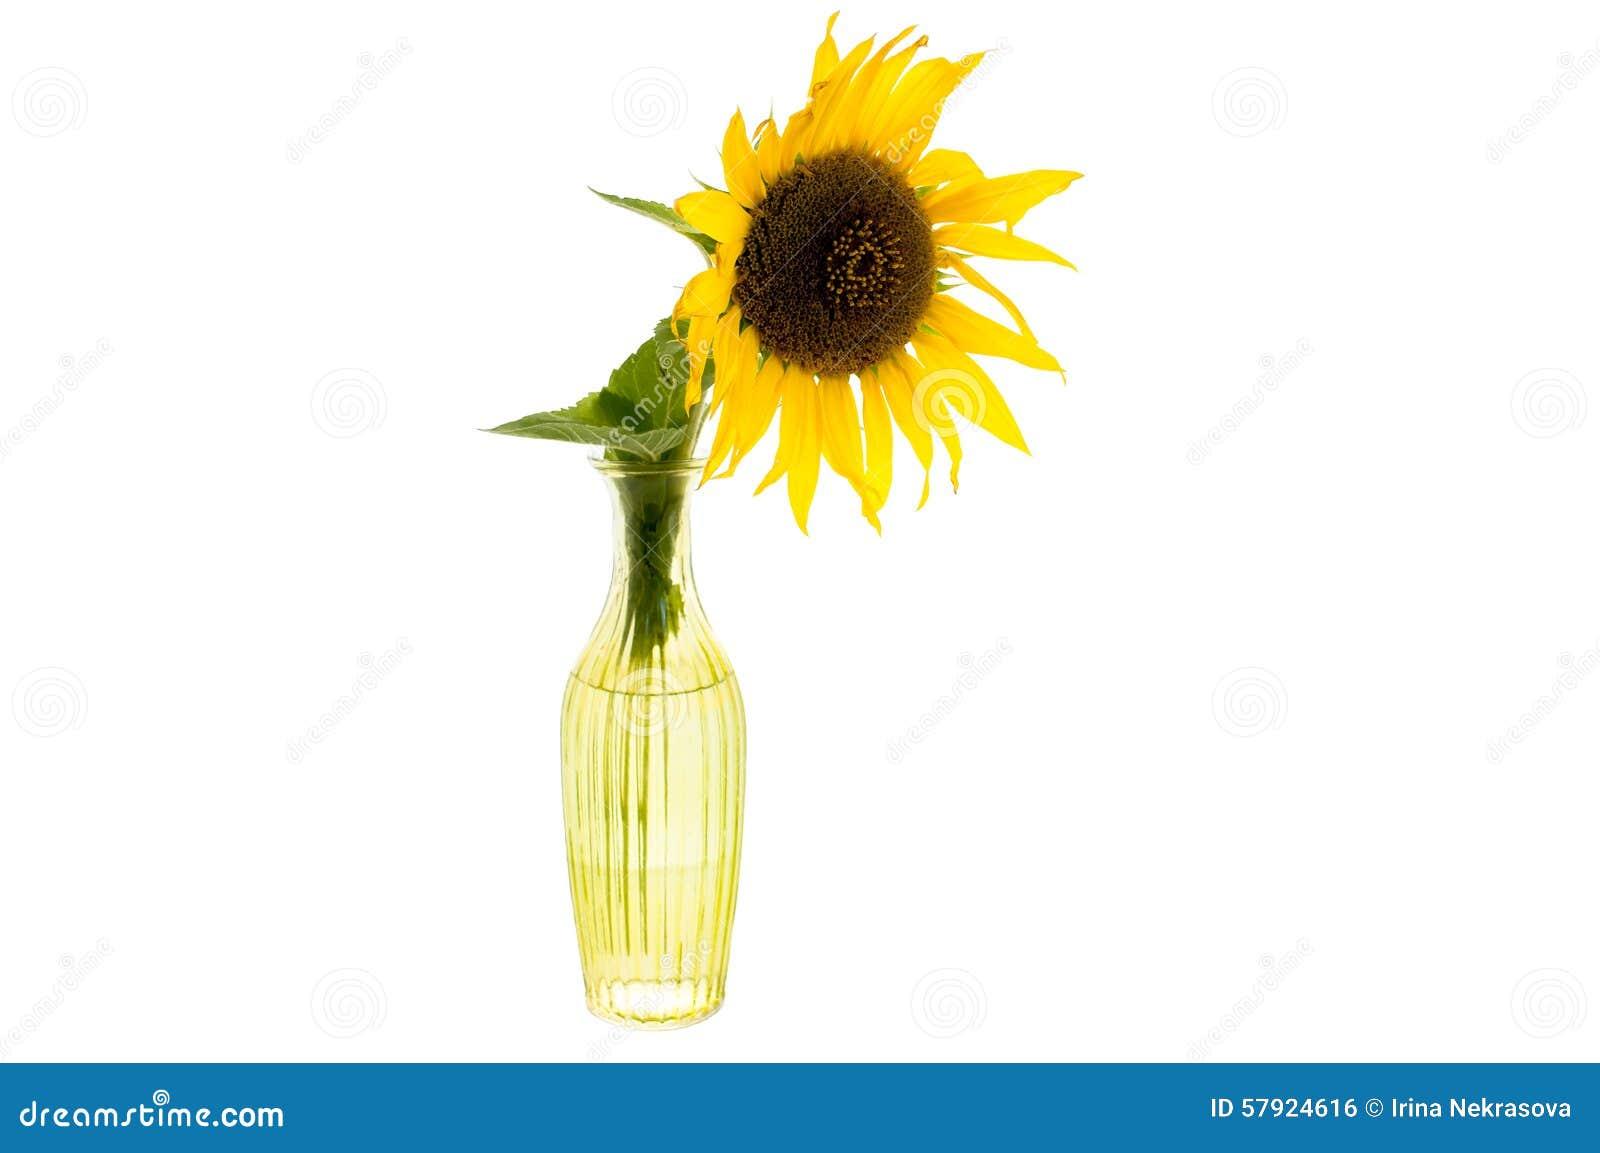 Яркий желтый цветок солнцецвета в стеклянной вазе